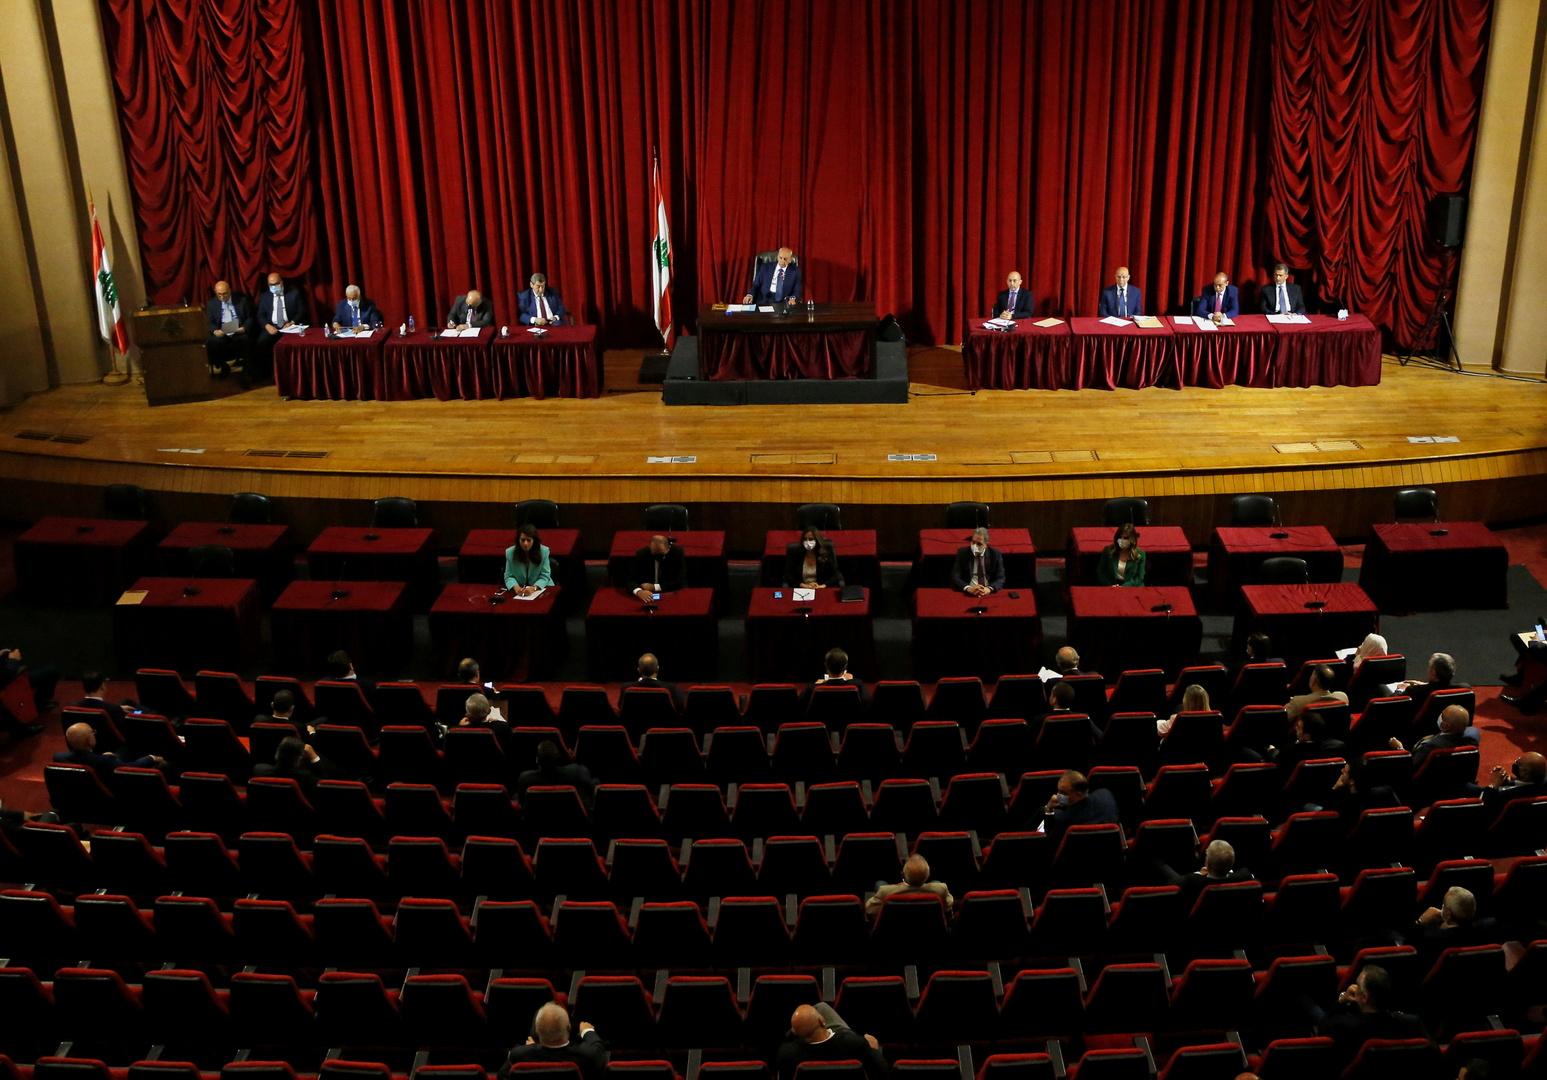 وزير فرنسي: باريس وواشنطن تفكران في كل الخيارات بشأن لبنان